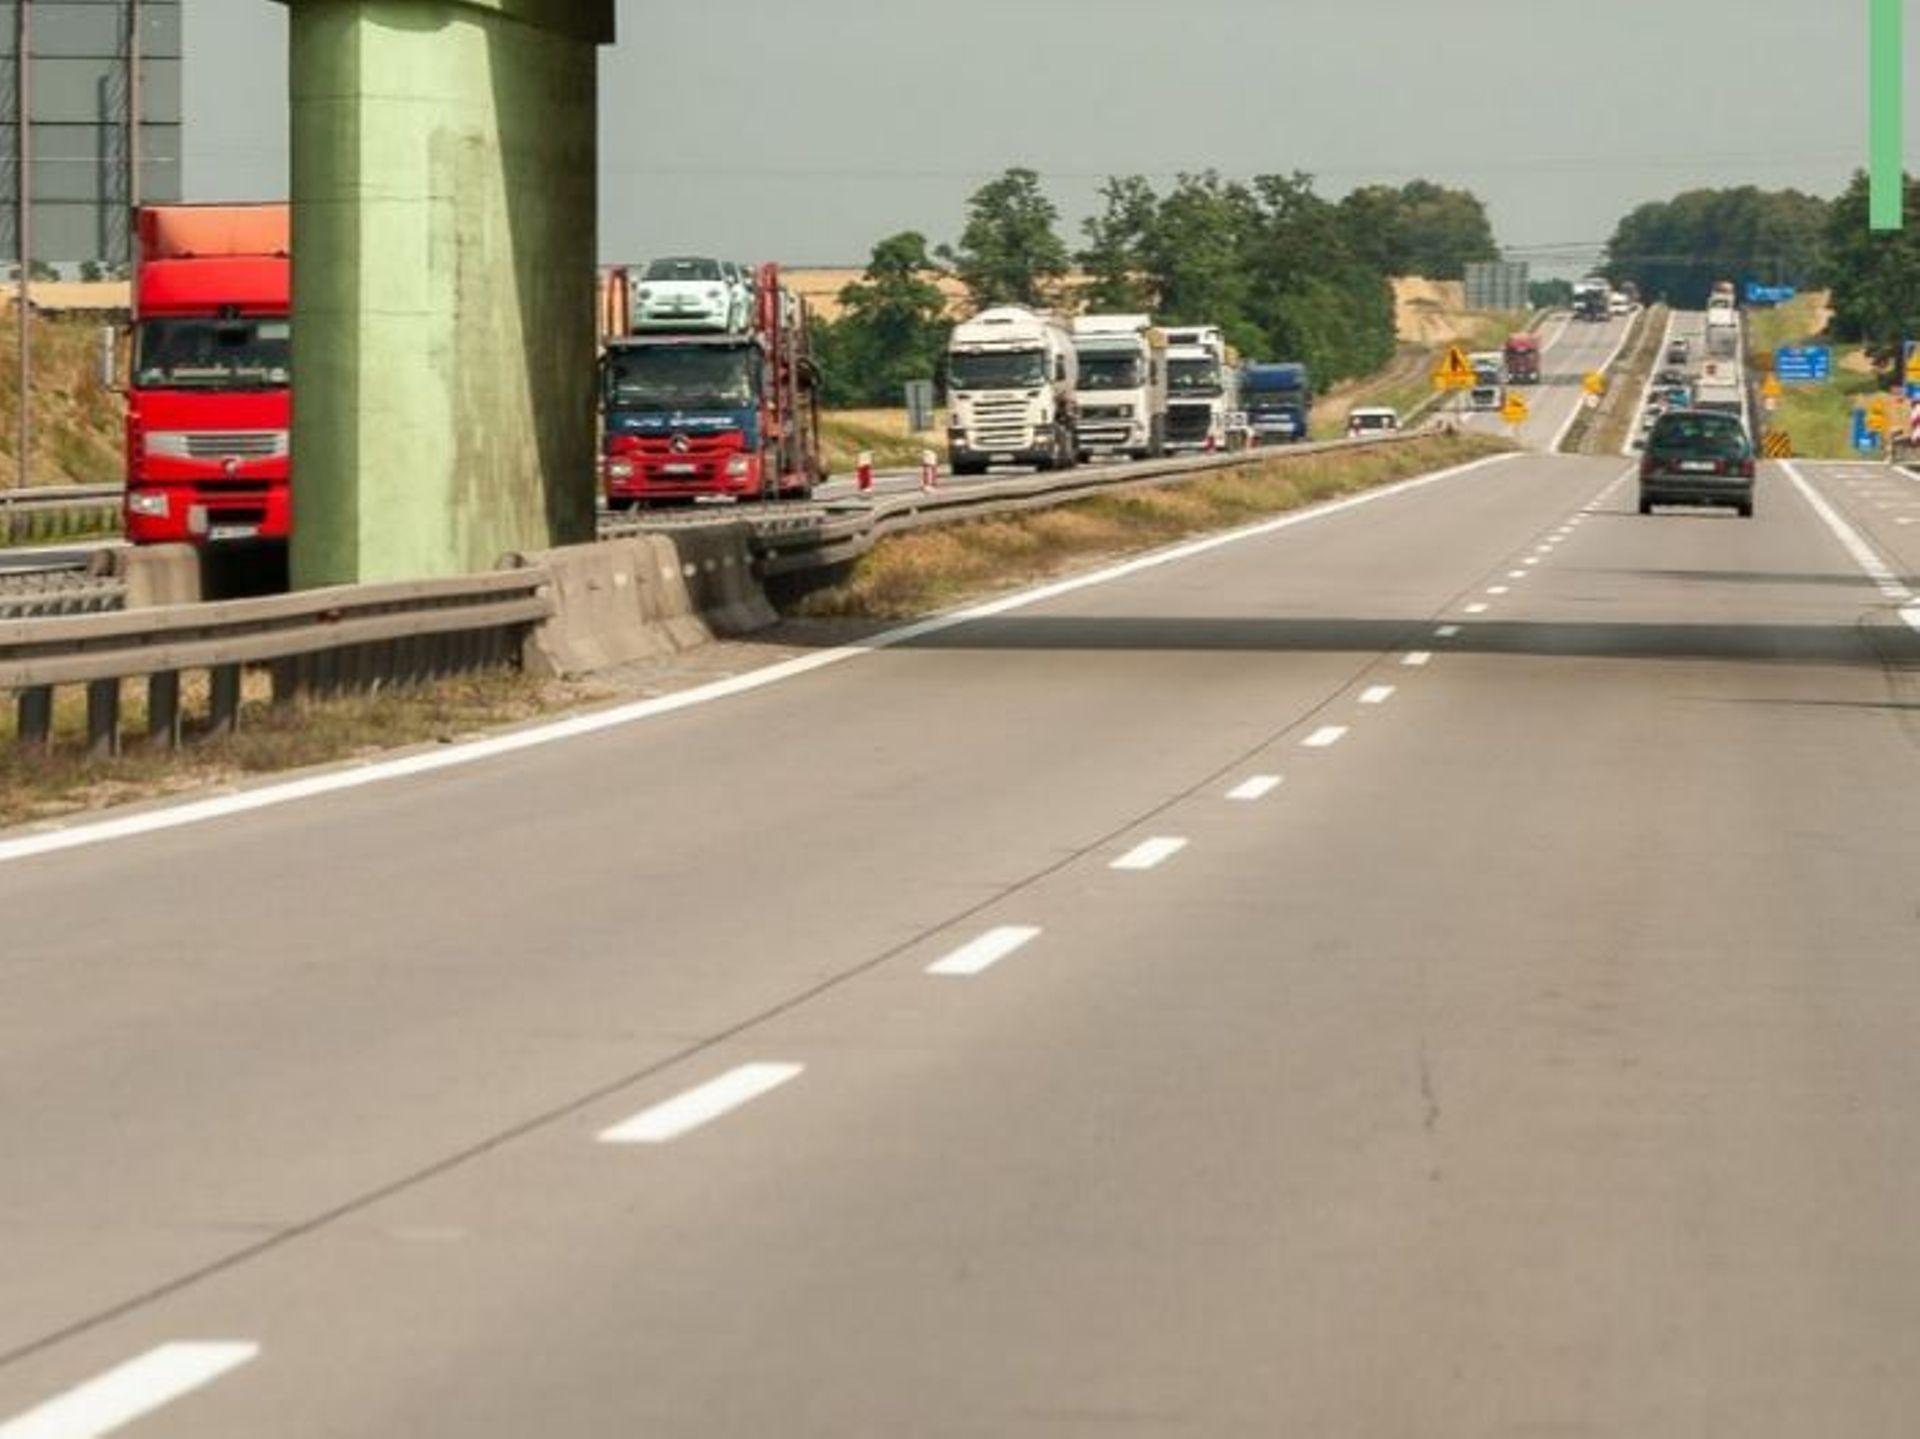 Kolejny krok w stronę rozbudowy autostrady A4 na odcinku Legnica Południe – Krzyżowa